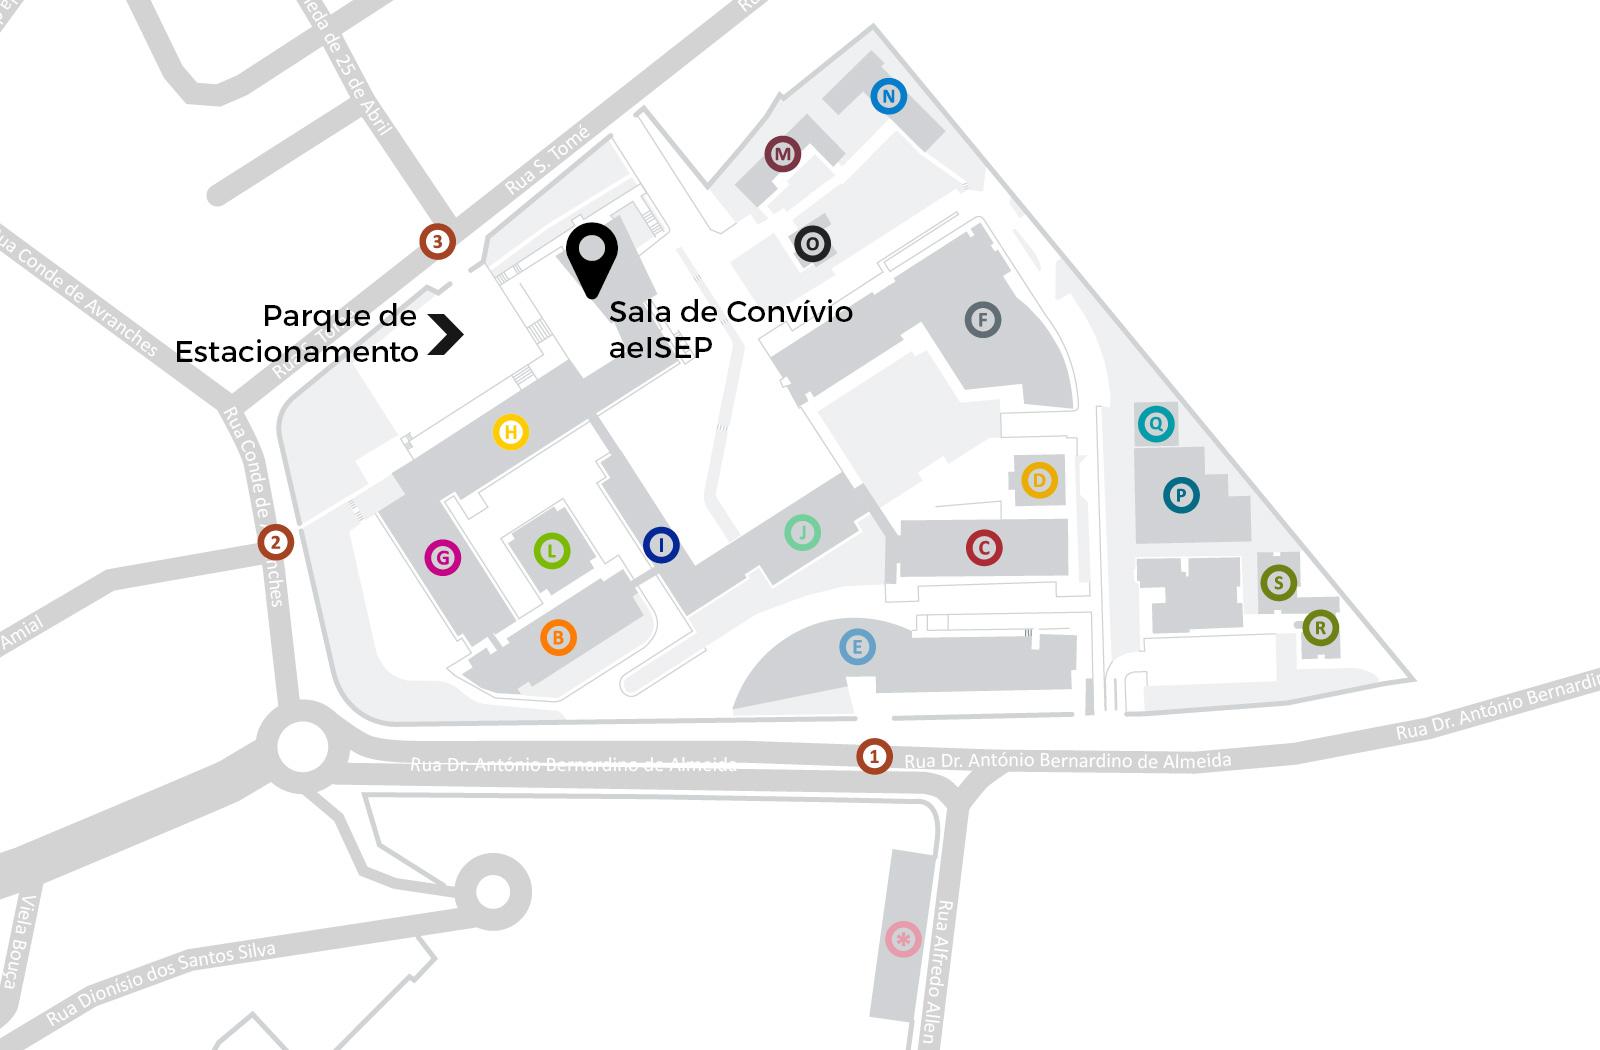 Mapa com Indicações para o Versus (Parque de Estacionamento e Sala de Convívio da aeISEP)